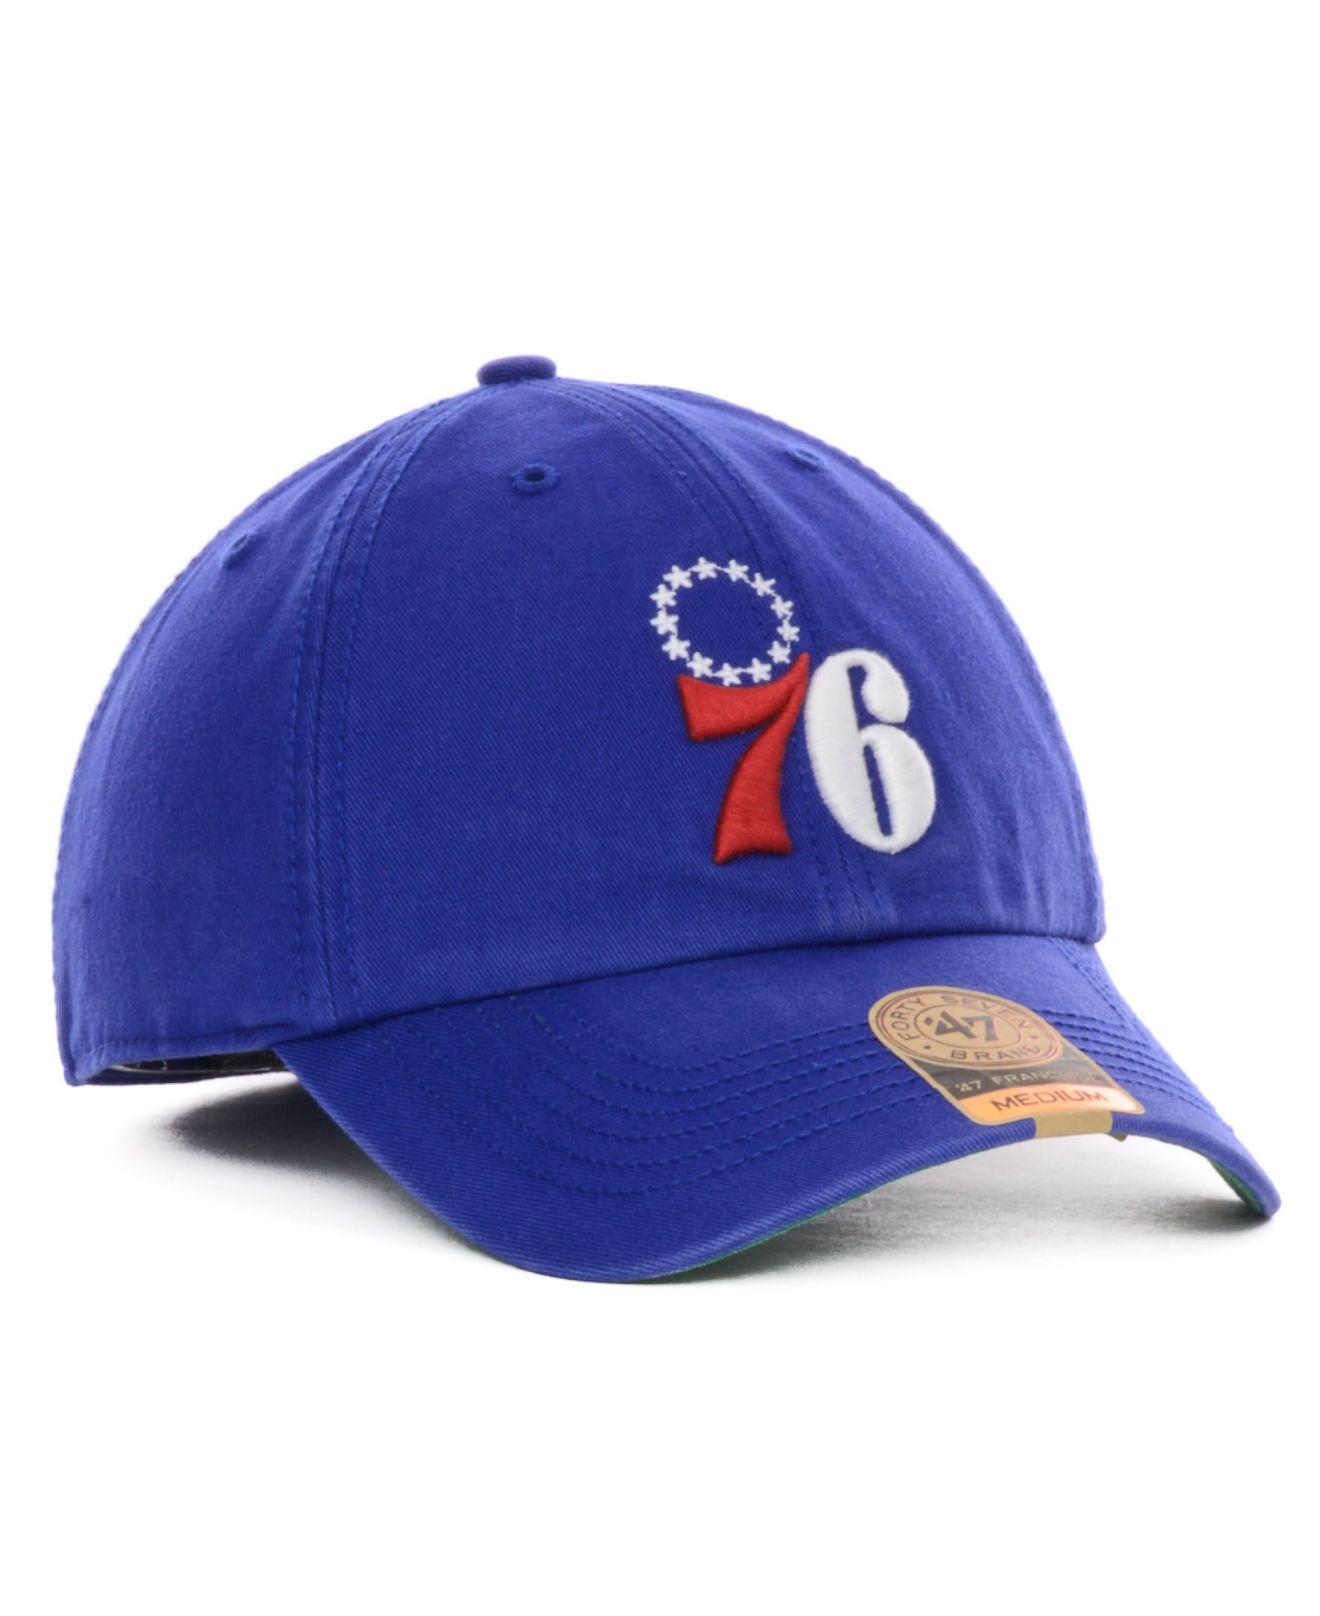 Lyst - 47 Brand Philadelphia 76Ers Franchise Cap in Blue for Men 0605a1435683